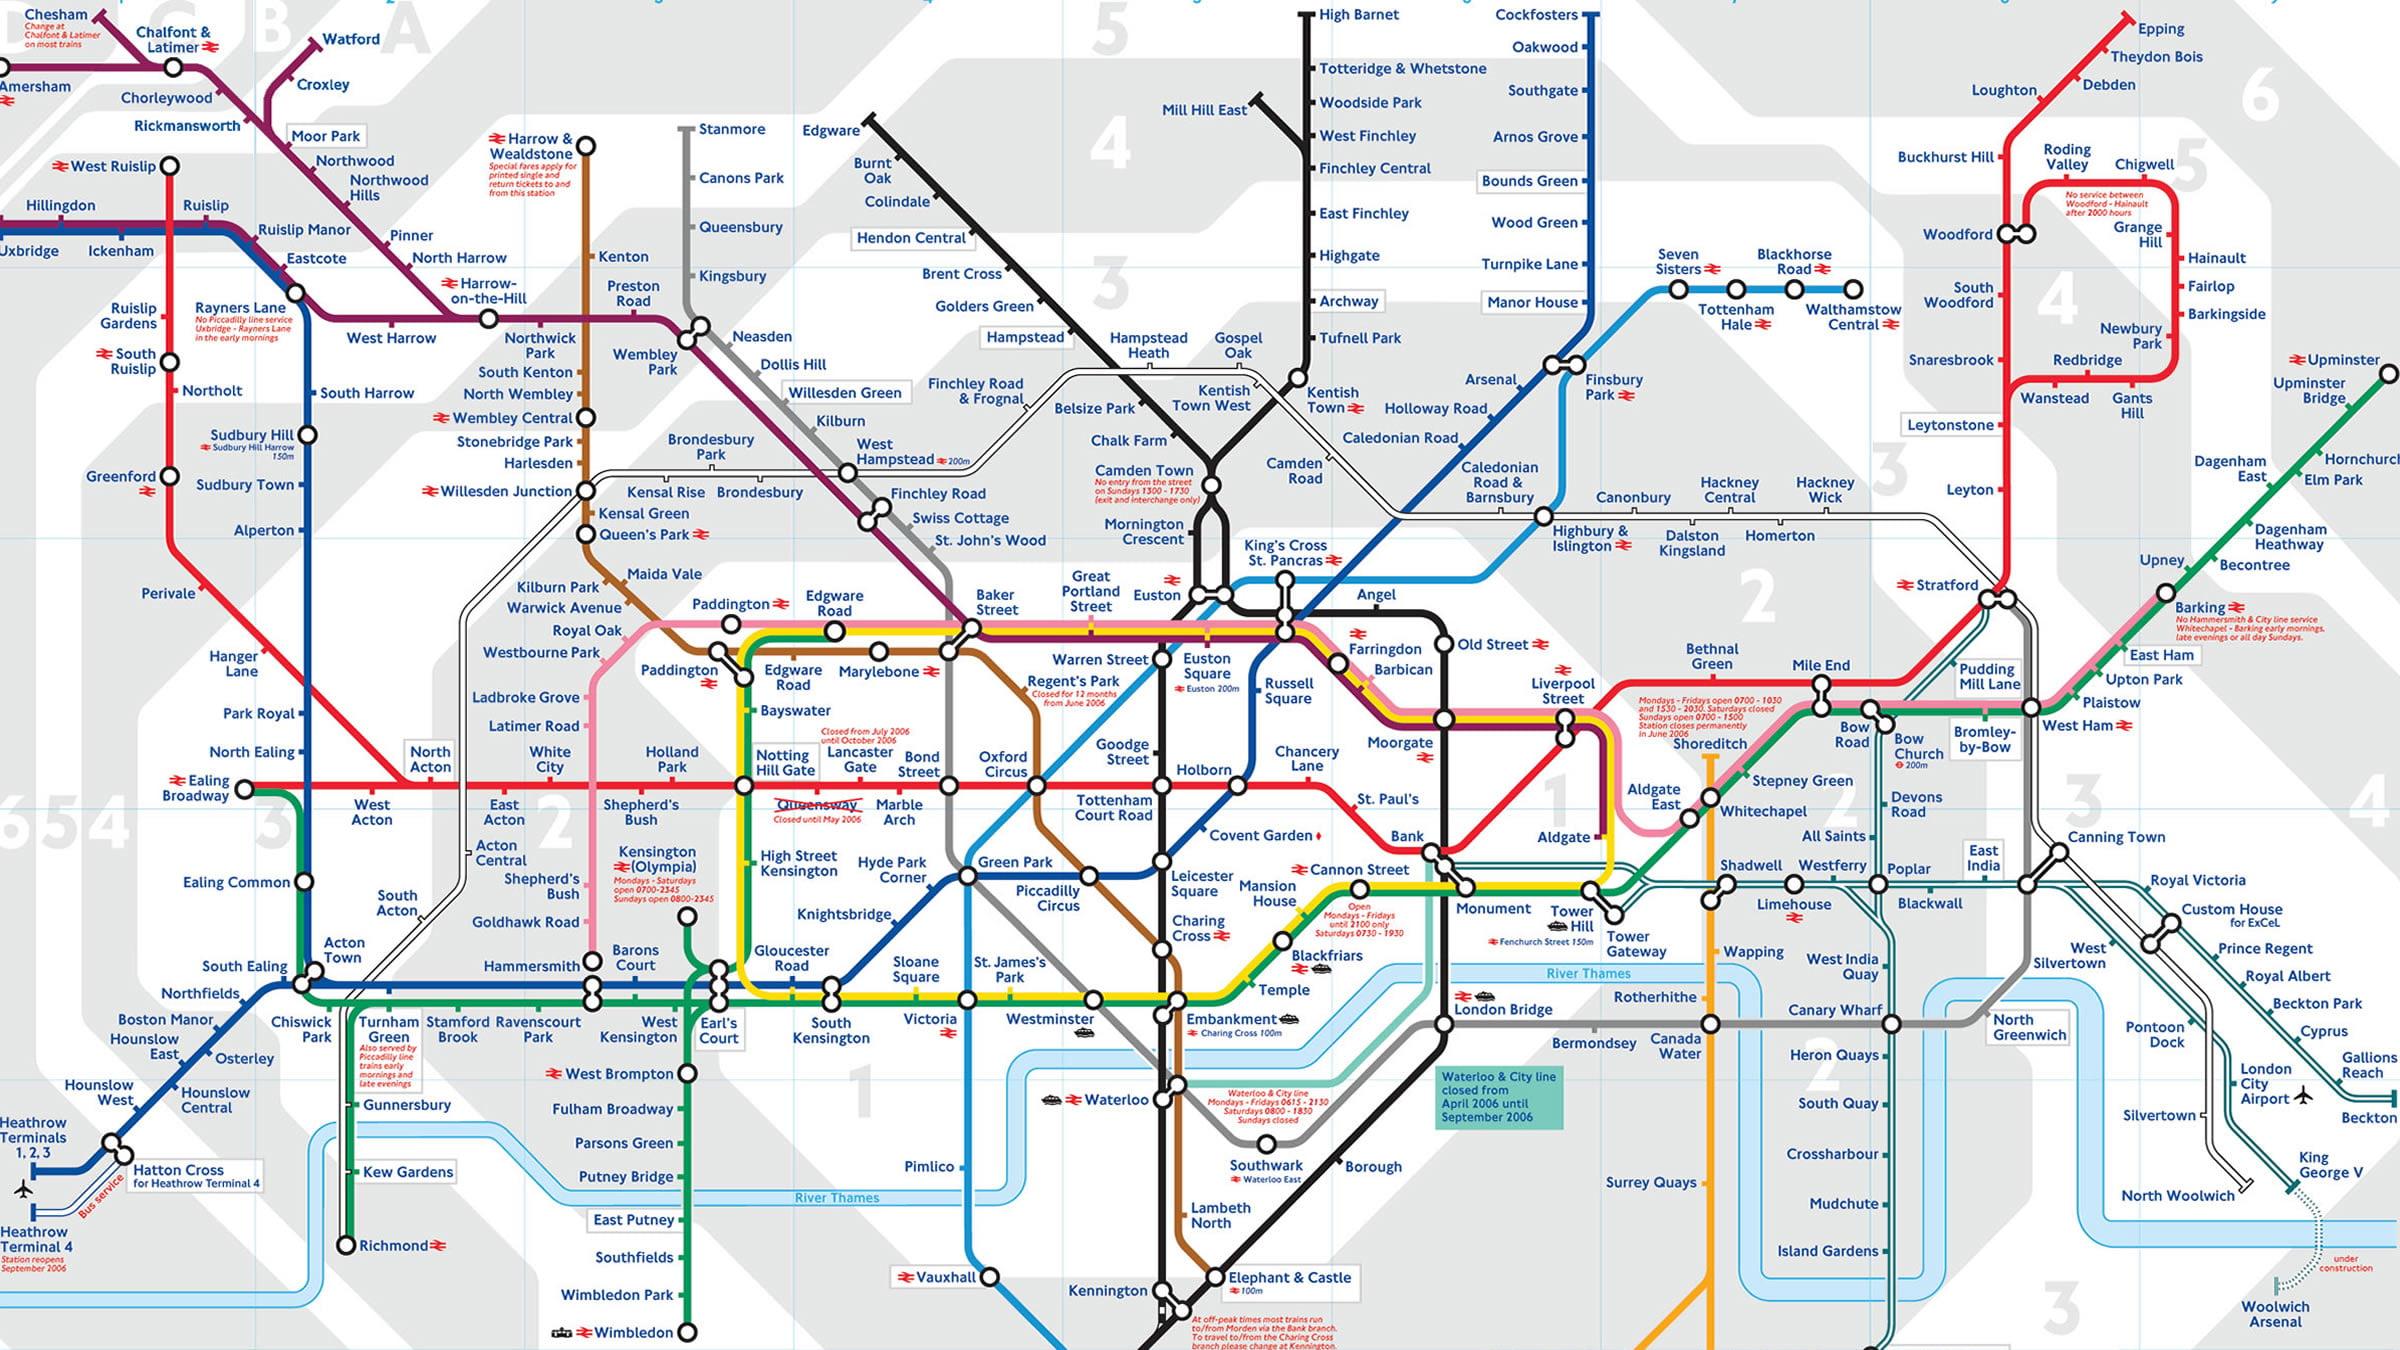 Mapa de las líneas de metro de Londres con zonas